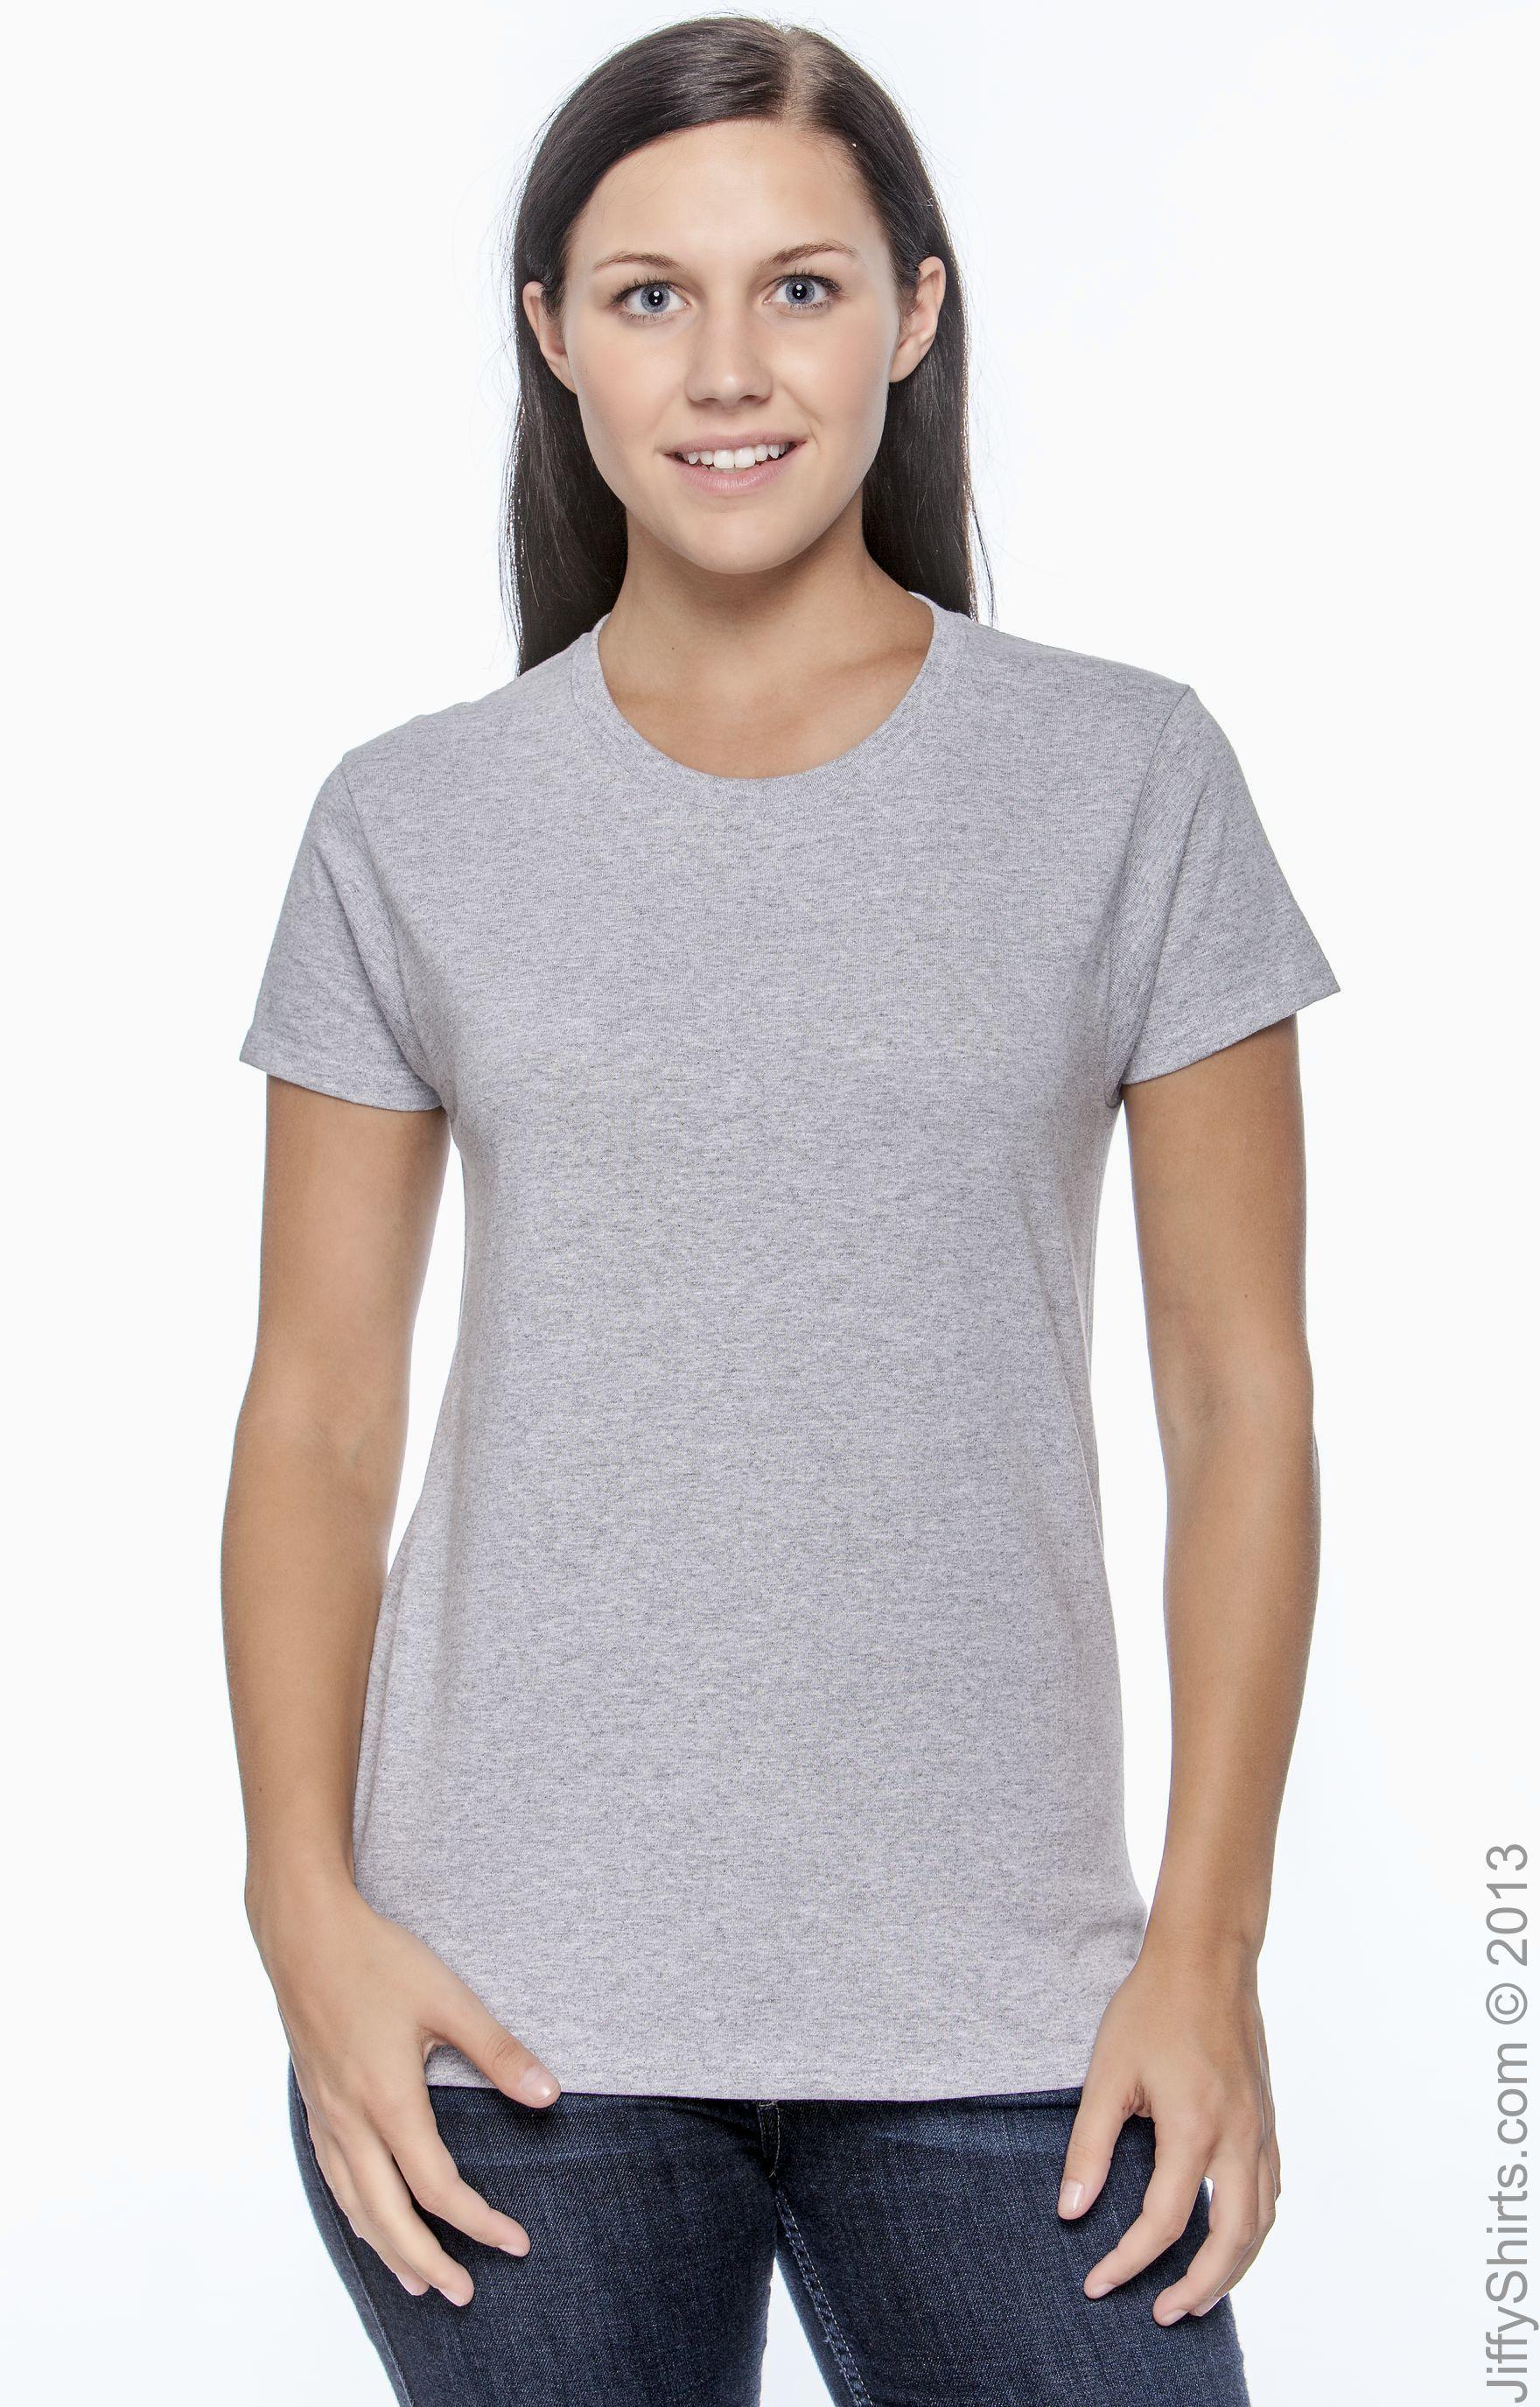 Got Amanda T-Shirt Tee Shirt Gildan Free Sticker S M L XL 2XL 3XL Cotton